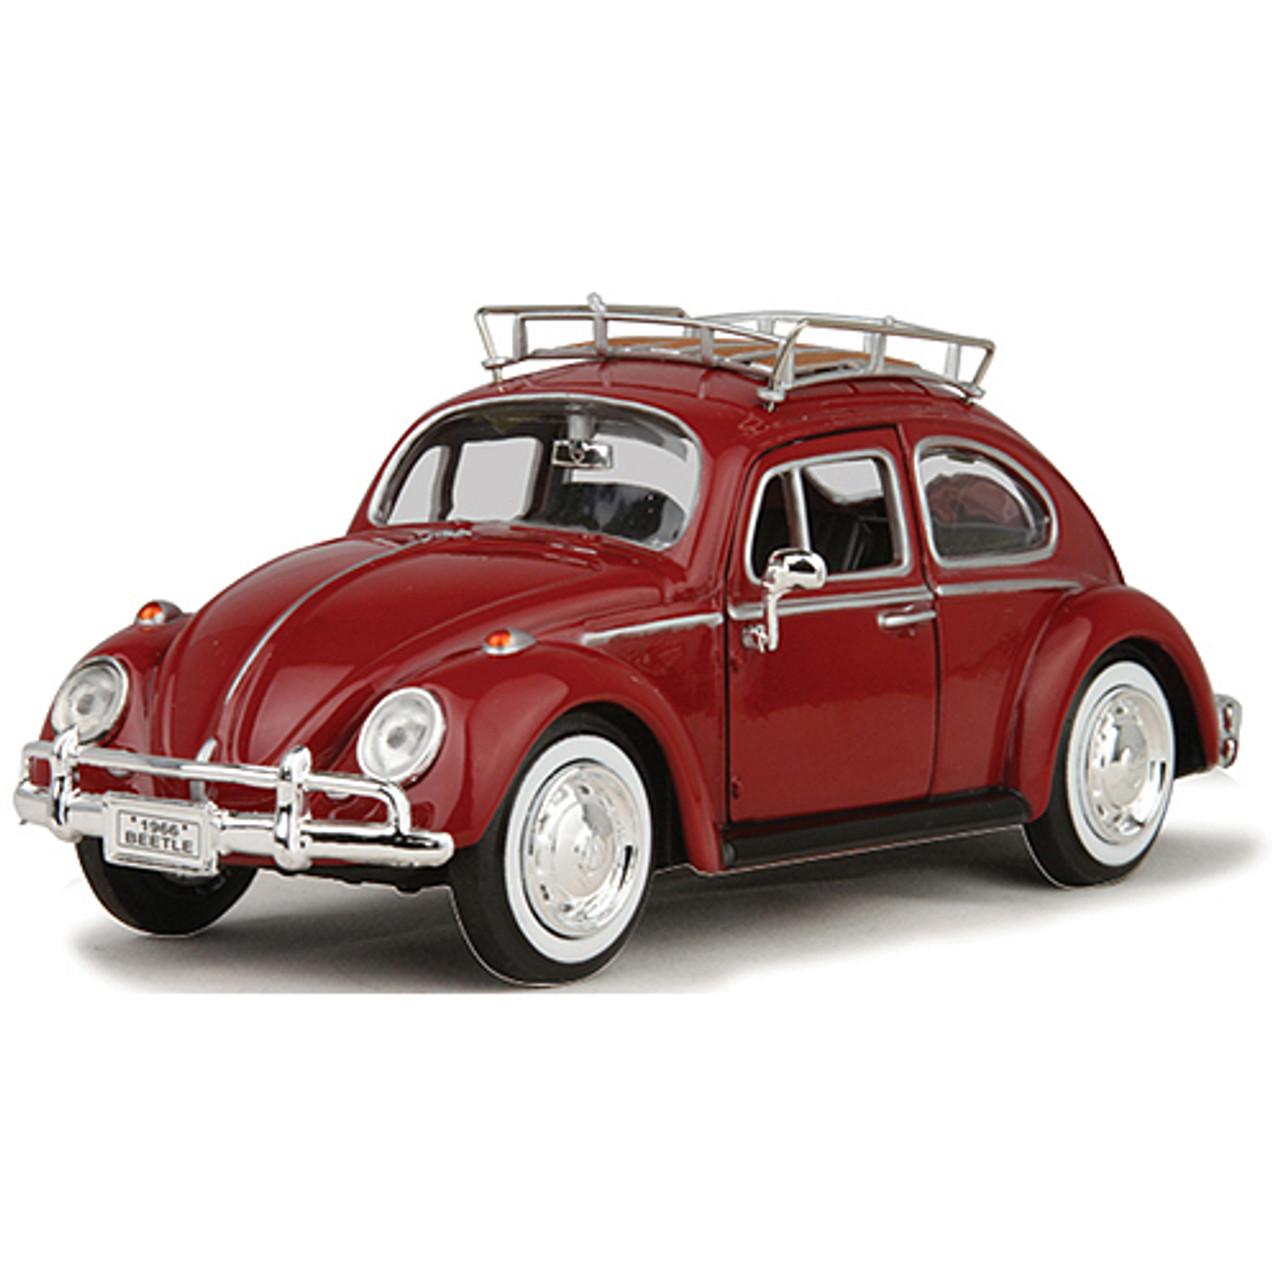 1966 vw beetle roof rack 1 24 scale diecast replica model by motormax